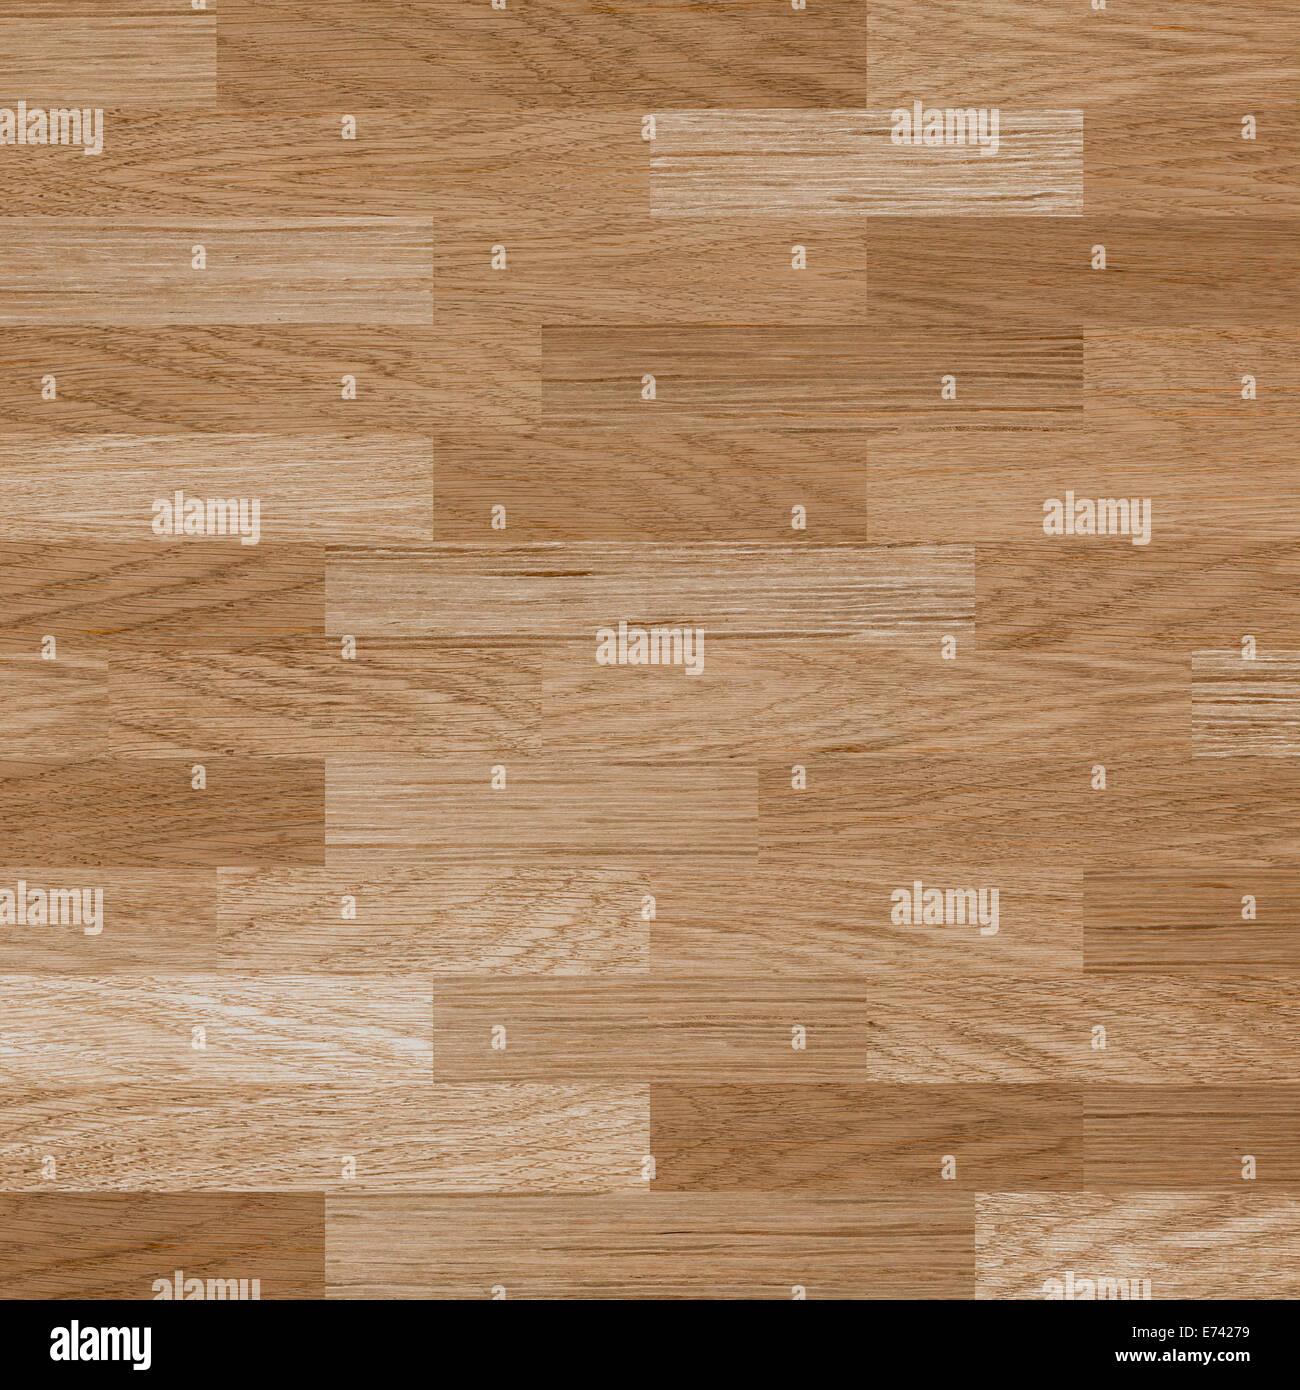 Lieblich Parkett Laminat Holz Textur Hintergrund